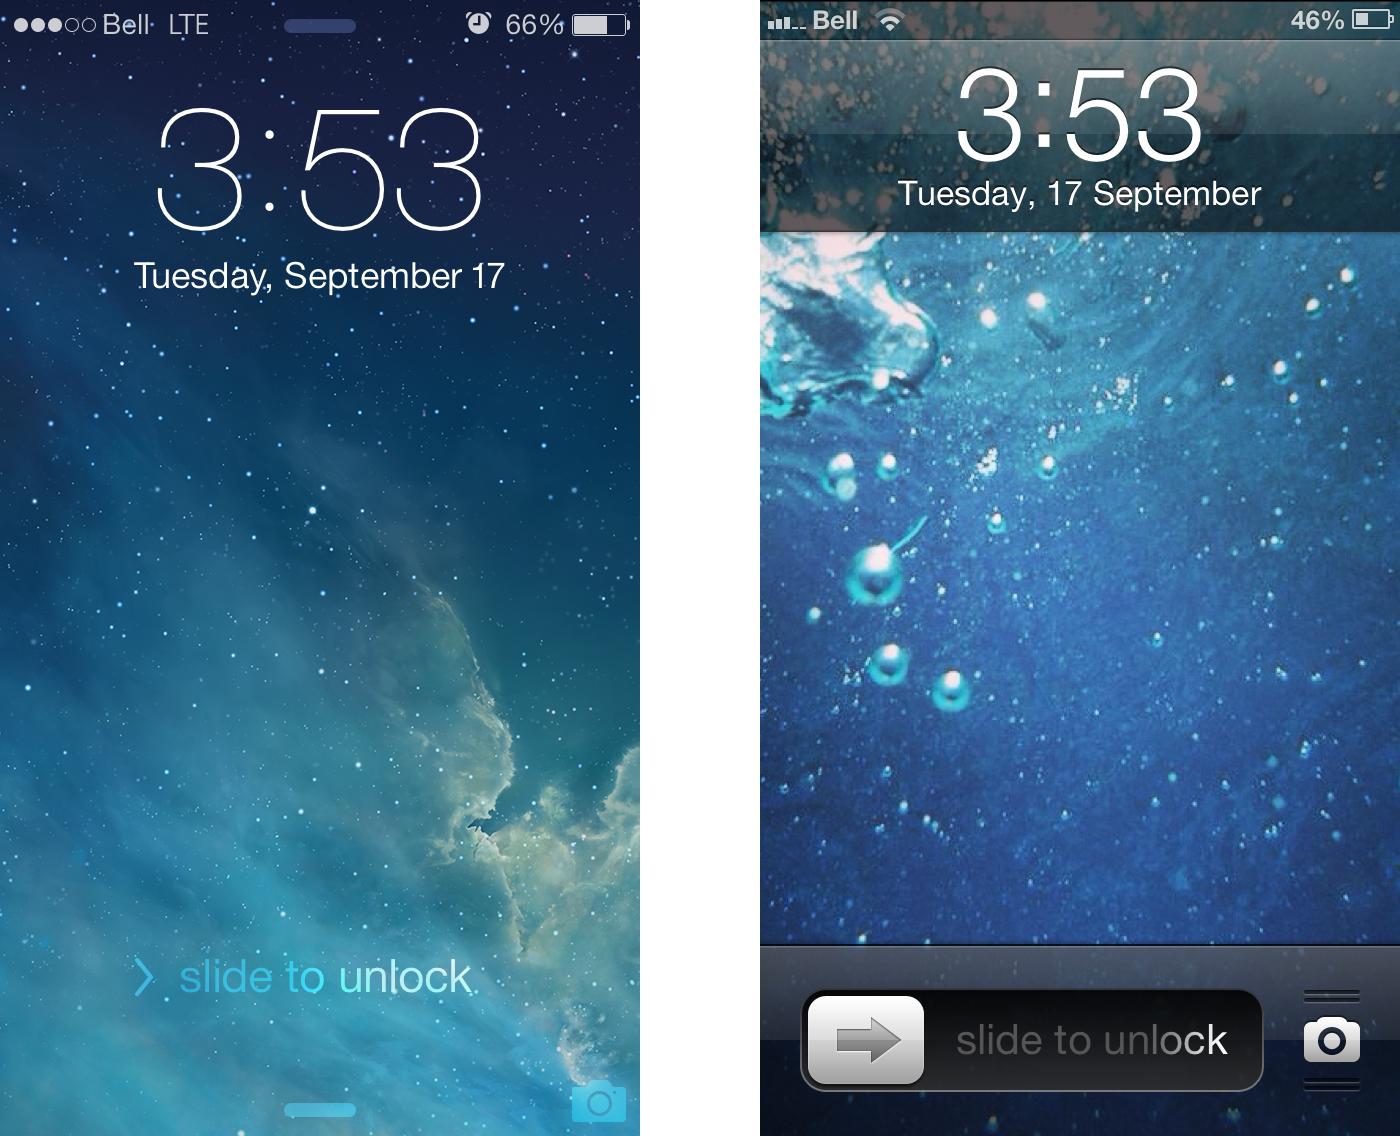 [50+] iPhone 6 Lock Screen Wallpaper on WallpaperSafari